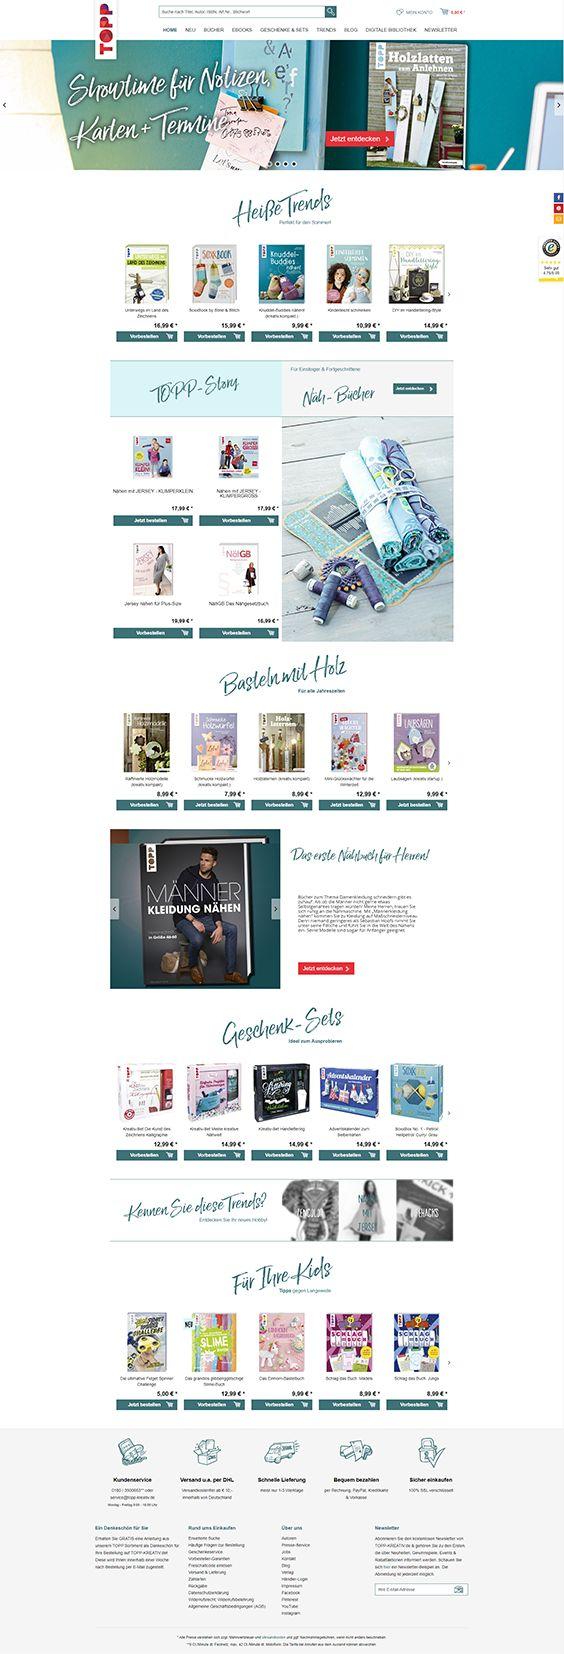 Shopware Design, Shopware Theme, Shopware Shop, eCommerce, eCommerce Software, eCommerce platform, Onlineshop, Hobby, sewing, baking, DIY, instruction manual